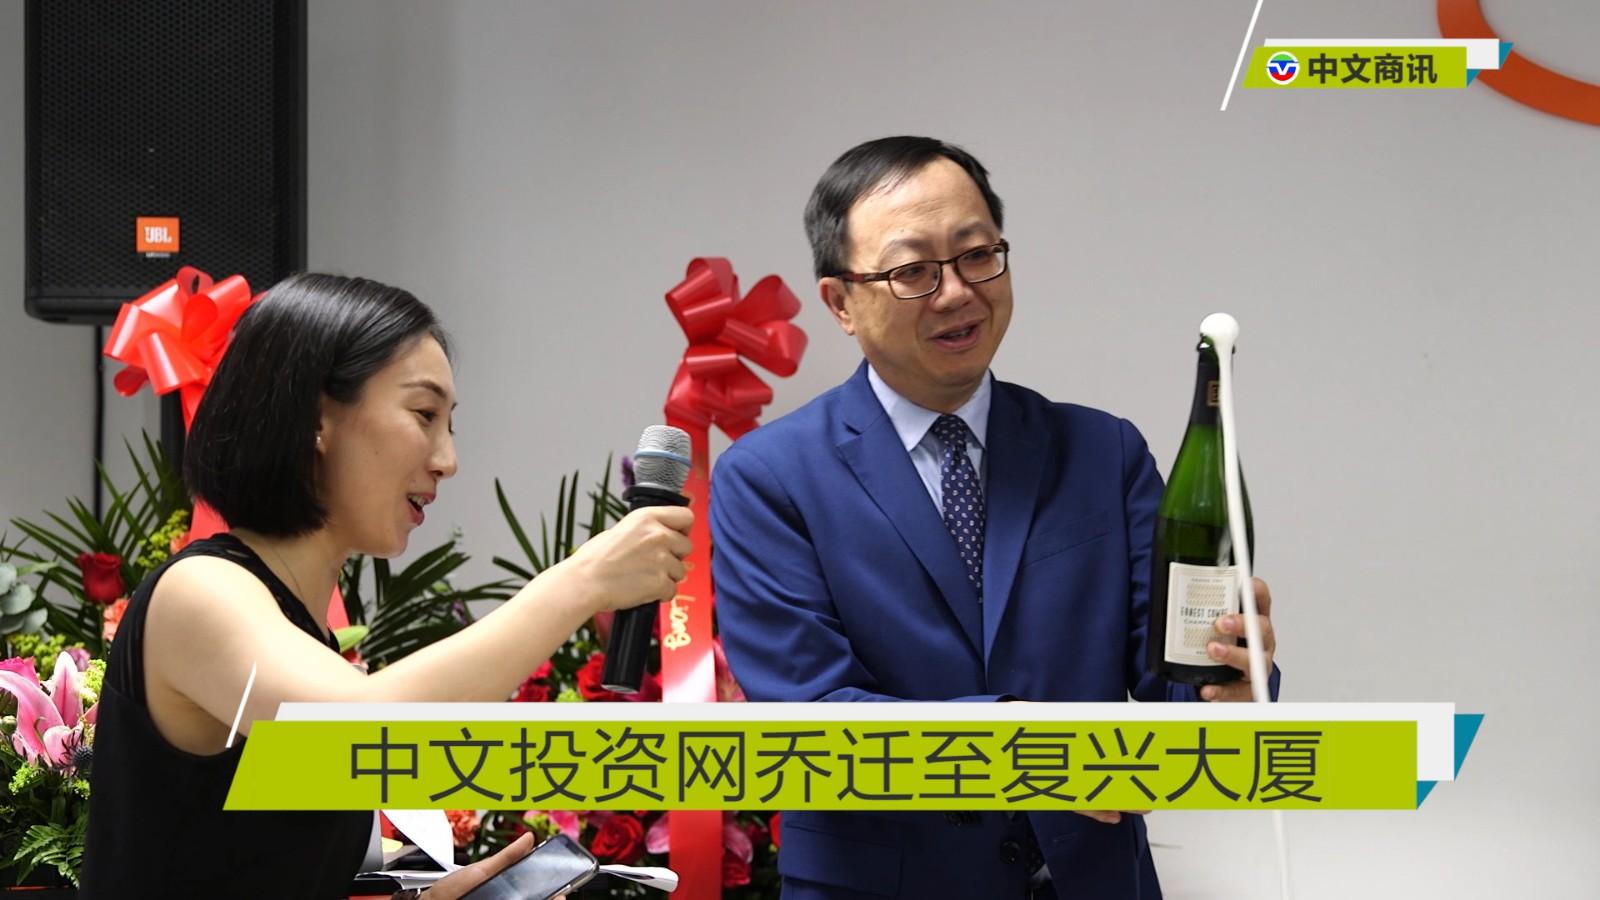 【视频】 中文投资网乔迁至复兴大厦